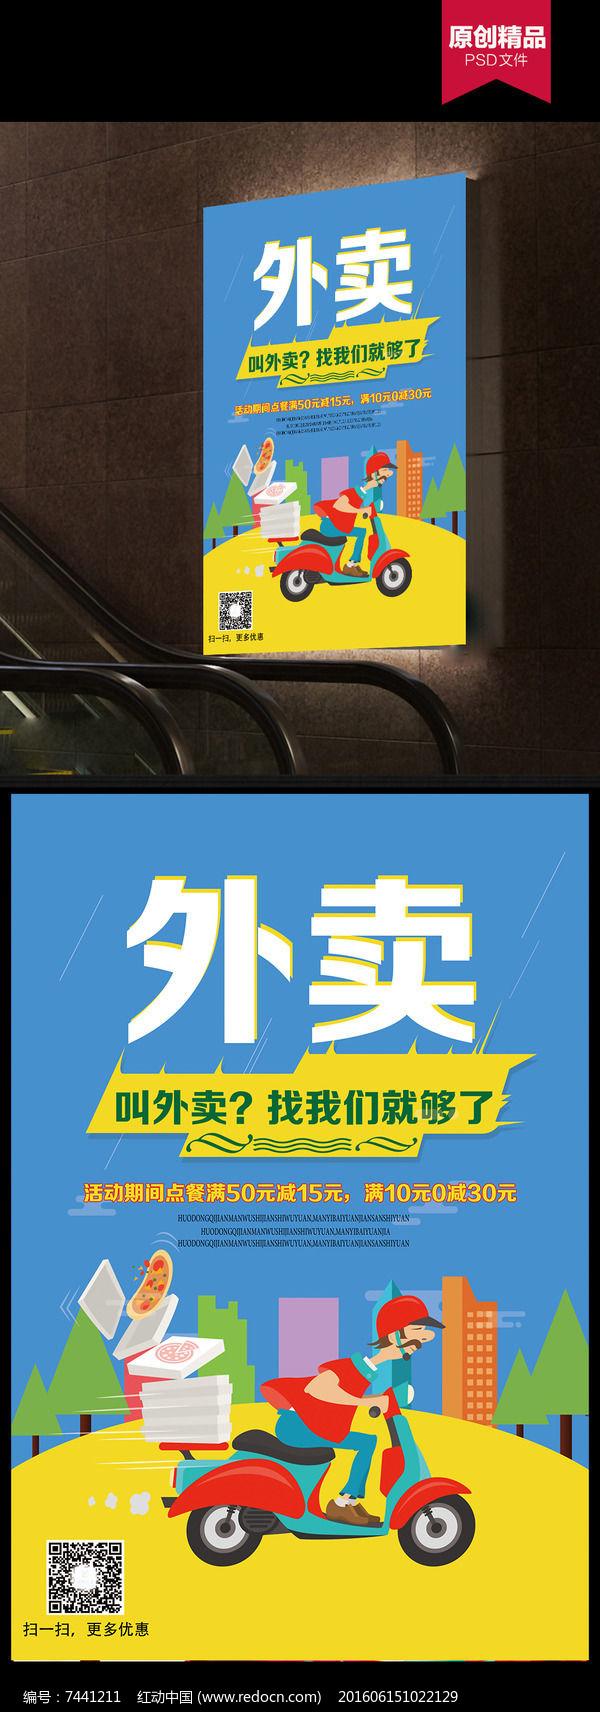 原创设计稿 海报设计/宣传单/广告牌 海报设计 餐饮外卖促销海报宣传图片